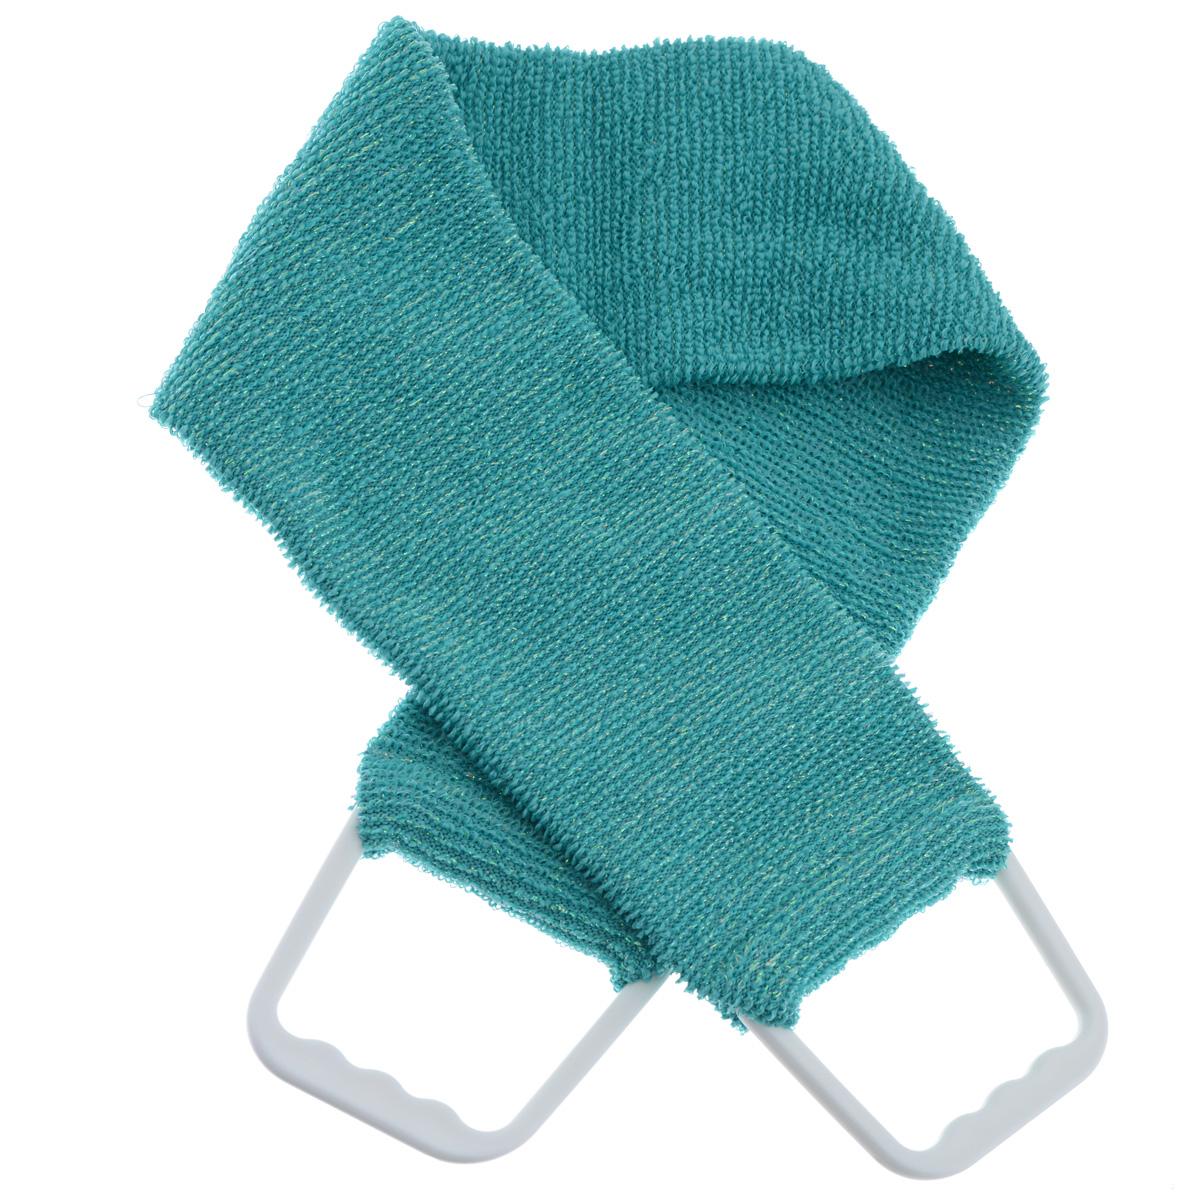 Мочалка 927, цвет: бирюзовый3363Двухсторонняя мочалка-пояс Riffi применяется для мытья тела, отлично действует как пилинговое средство, тонизируя, массируя и эффективно очищая вашу кожу. Мягкой стороной хорошо намыливать тело и наносить косметические средства после душа. Жесткую (с люрексом) сторону пояса используют для легкого пилинга и массажа кожи. Для удобства применения пояс снабжен двумя пластиковыми ручками. Благодаря отшелушивающему эффекту мочалки-пояса, кожа освобождается от отмерших клеток, становится гладкой, упругой и свежей. Интенсивный и пощипывающе свежий массаж тела с применением Riffi стимулирует кровообращение, активирует кровоснабжение, способствует обмену веществ, что в свою очередь позволяет себя чувствовать бодрым и отдохнувшим после принятия душа или ванны. Riffi регенерирует кожу, делает ее приятно нежной, мягкой и лучше готовой к принятию косметических средств. Приносит приятное расслабление всему организму. Борется со спазмами и болями в мышцах, предупреждает образование целлюлита и обеспечивает омолаживающий эффект. Гипоаллергенная.